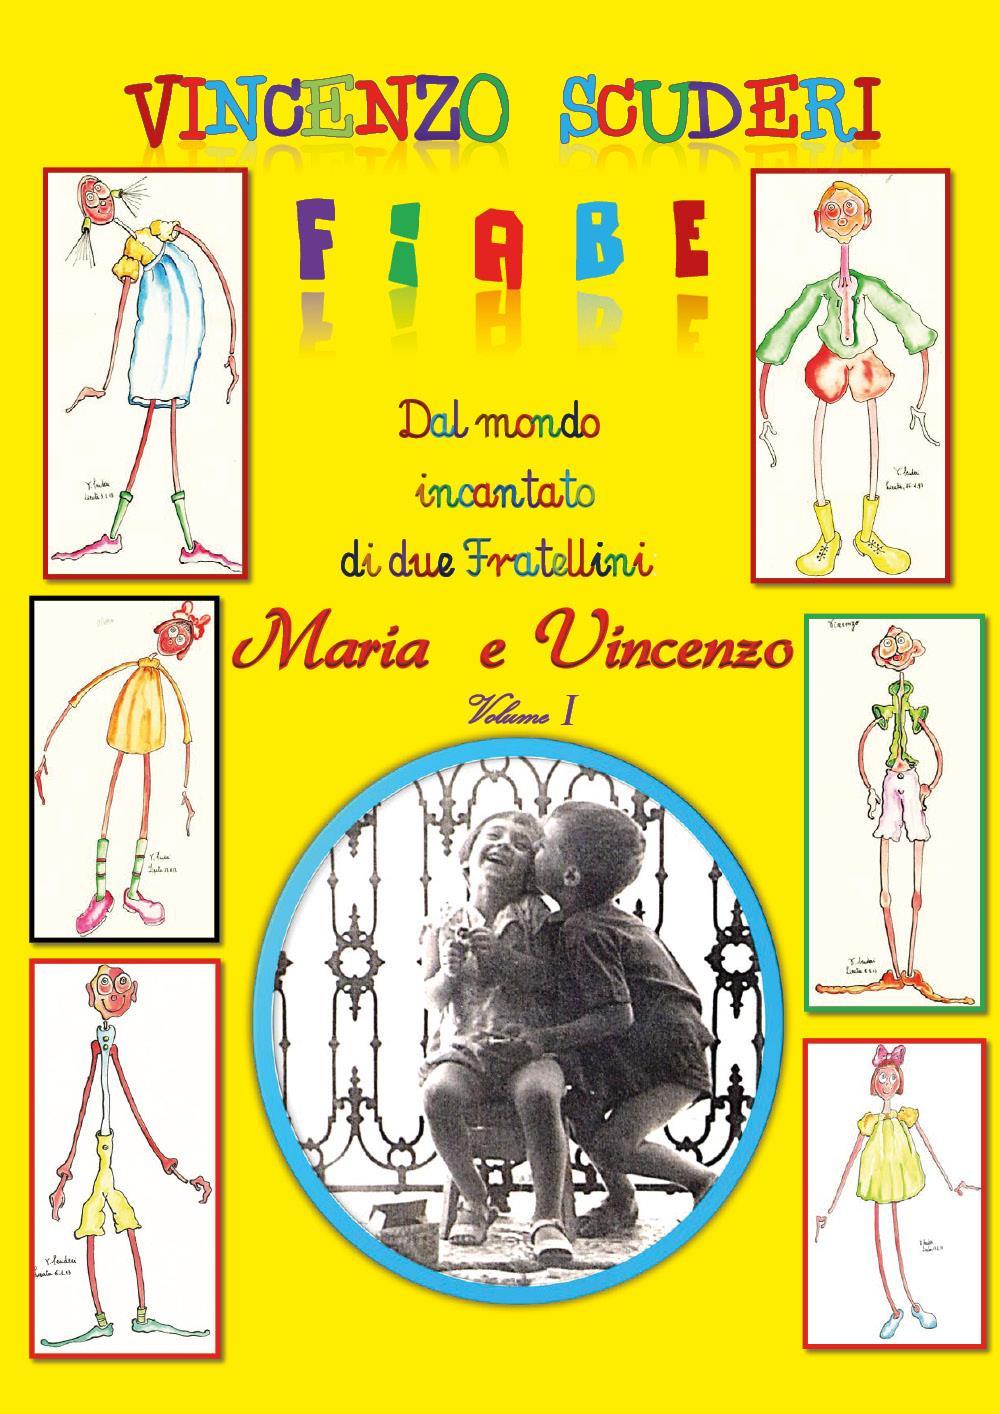 Fiabe dal mondo incantato di due fratellini: Maria e Vincenzo. Volume I